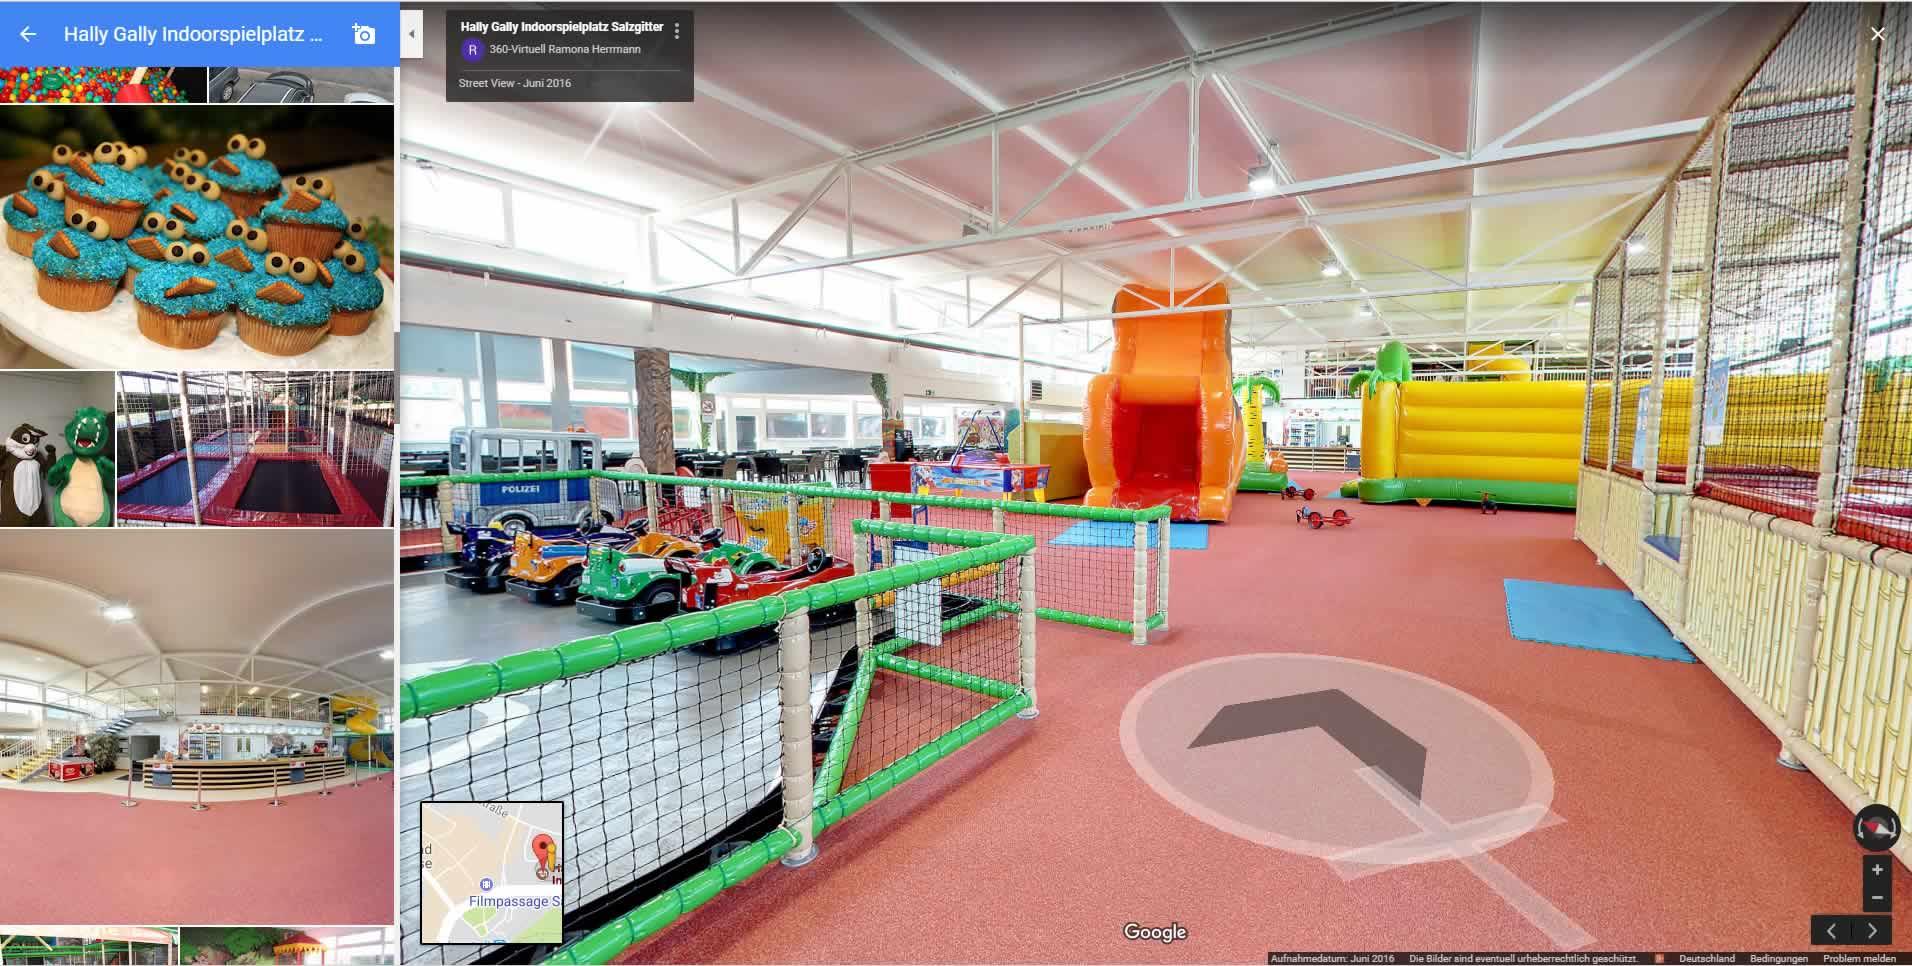 Virtueller 360 Grad Indoorspielplatz Rundgang für Google Maps